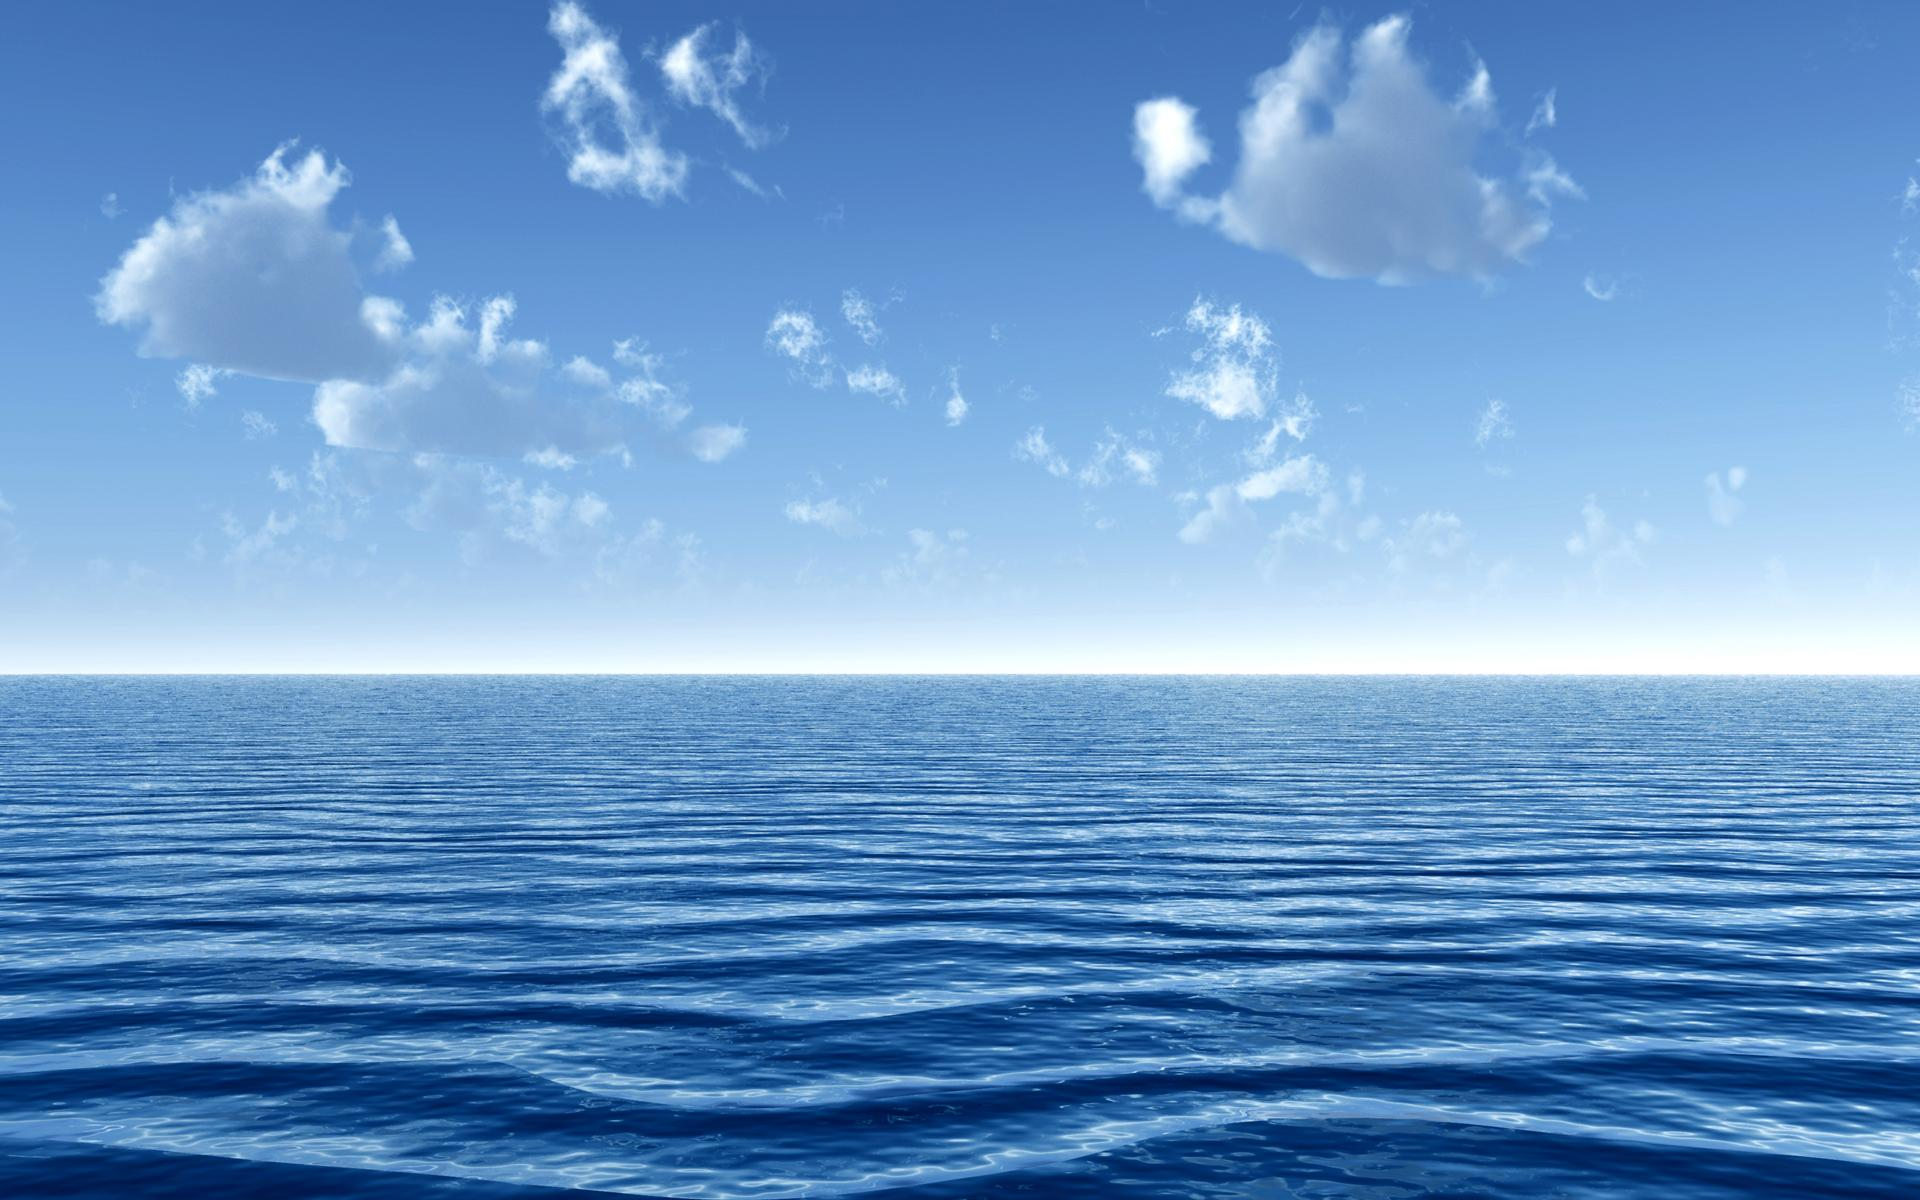 http://www.hdwallpaperspulse.com/wp-content/uploads/2013/03/oceano-ocean-jpg-245445.jpg